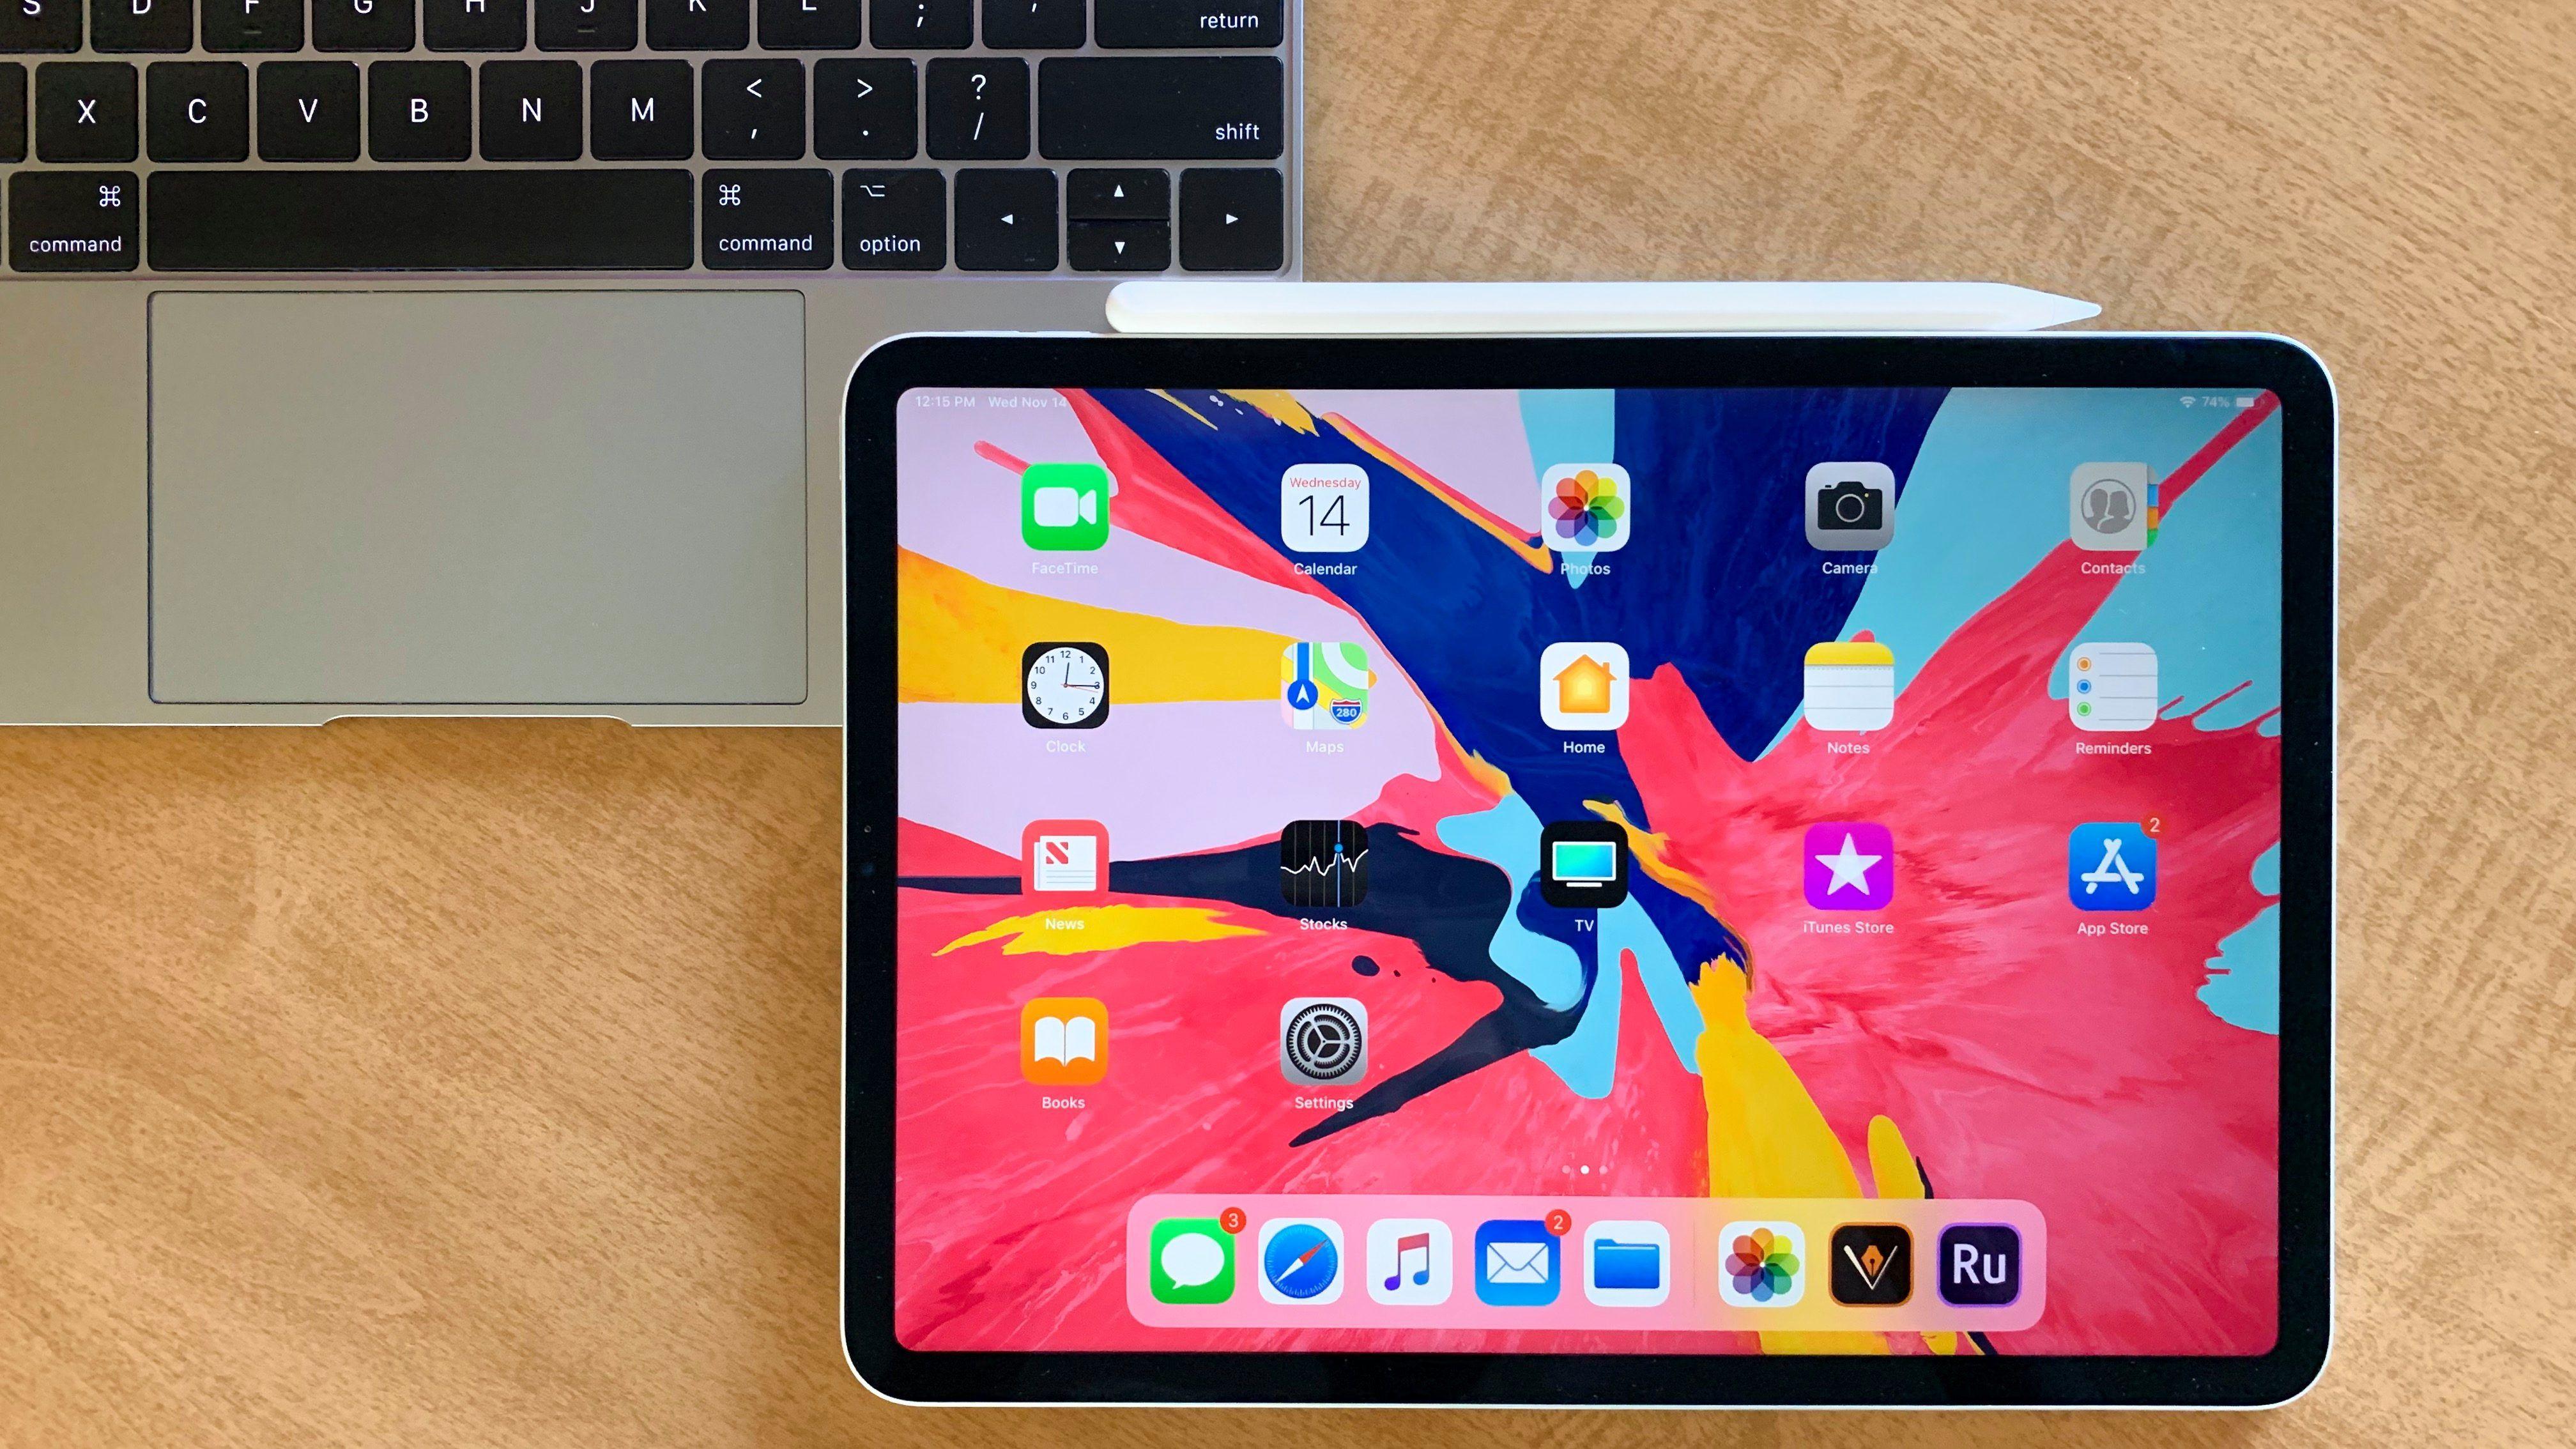 883535fc32c0a321474d8163eae316ec - How Do I Get My Apple Pencil To Work On My Ipad Pro